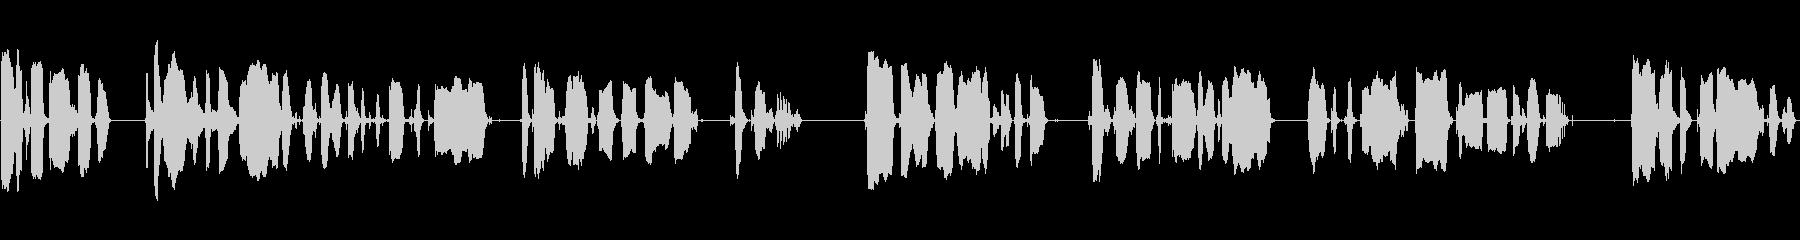 放送アナウンサー、女性の声:一般的...の未再生の波形